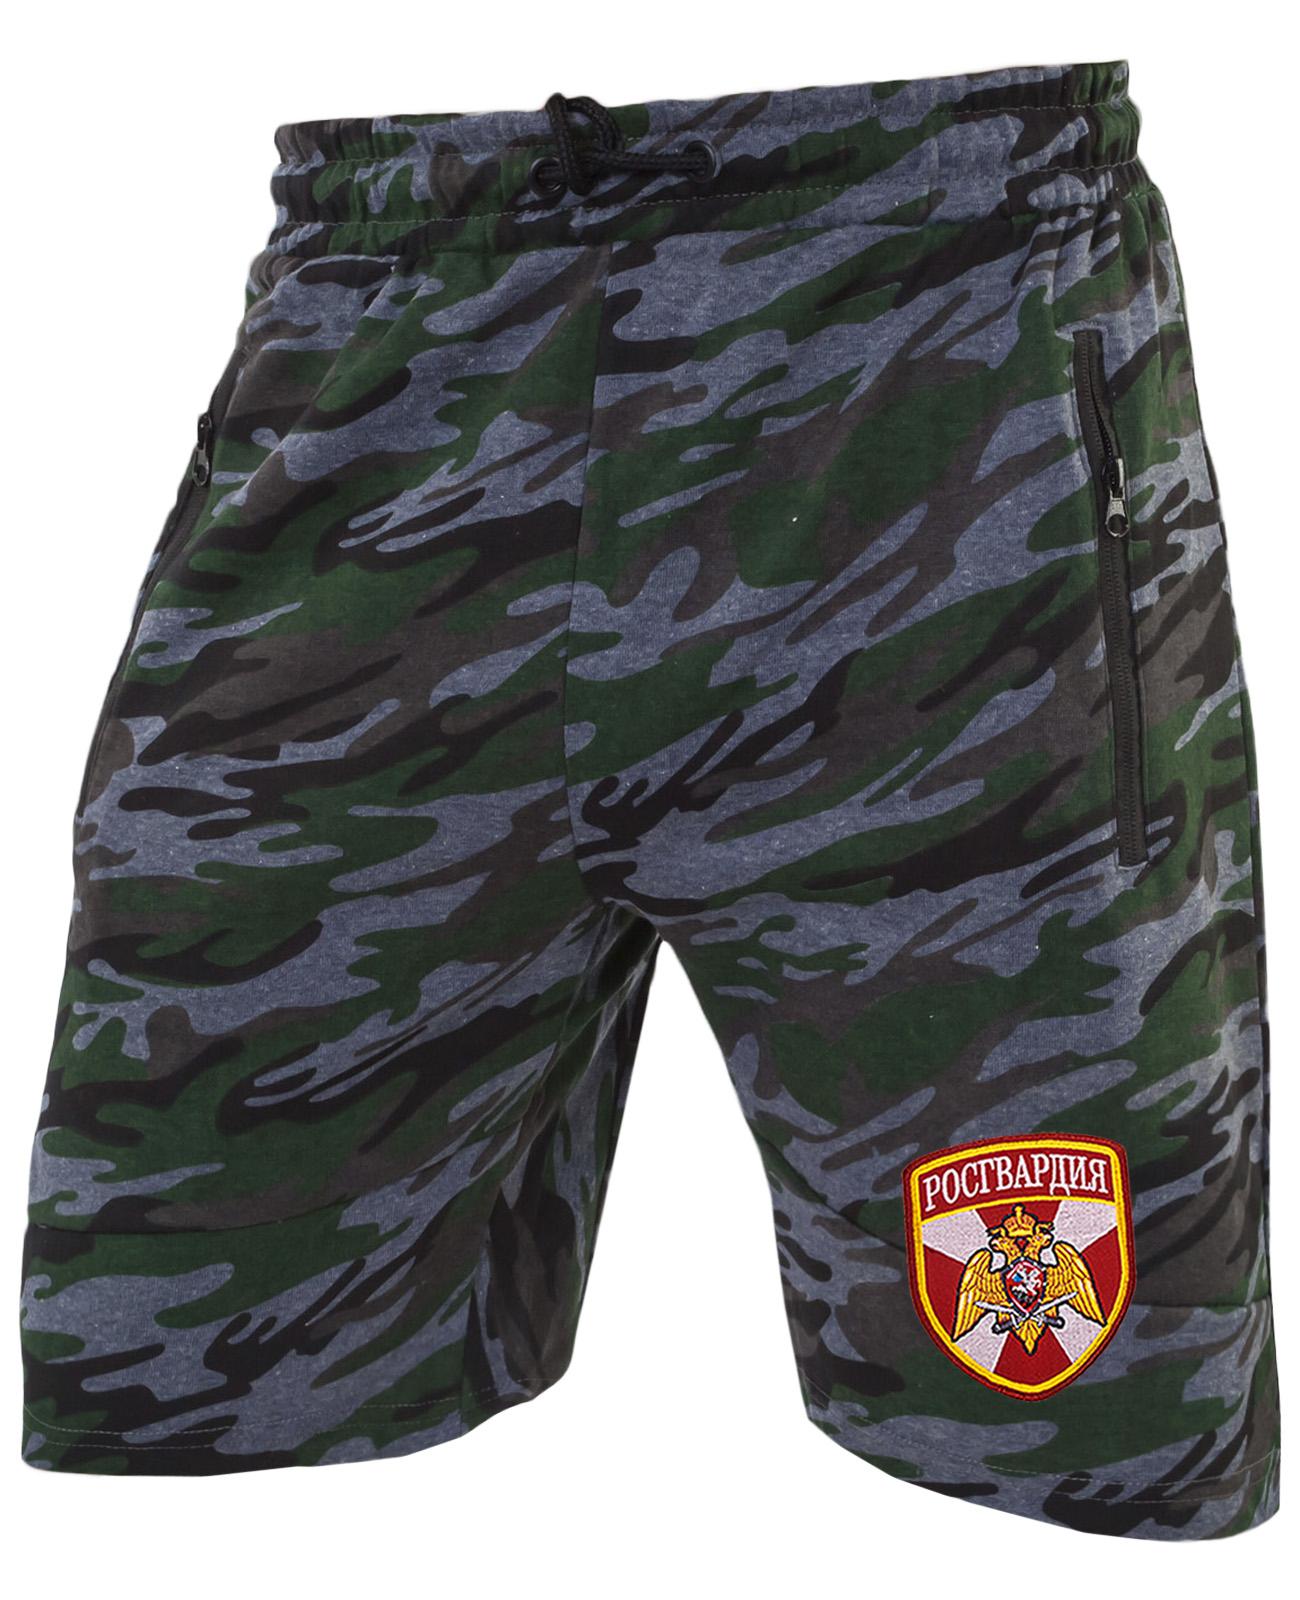 Модные камуфляжные милитари шорты с нашивкой Росгвардия